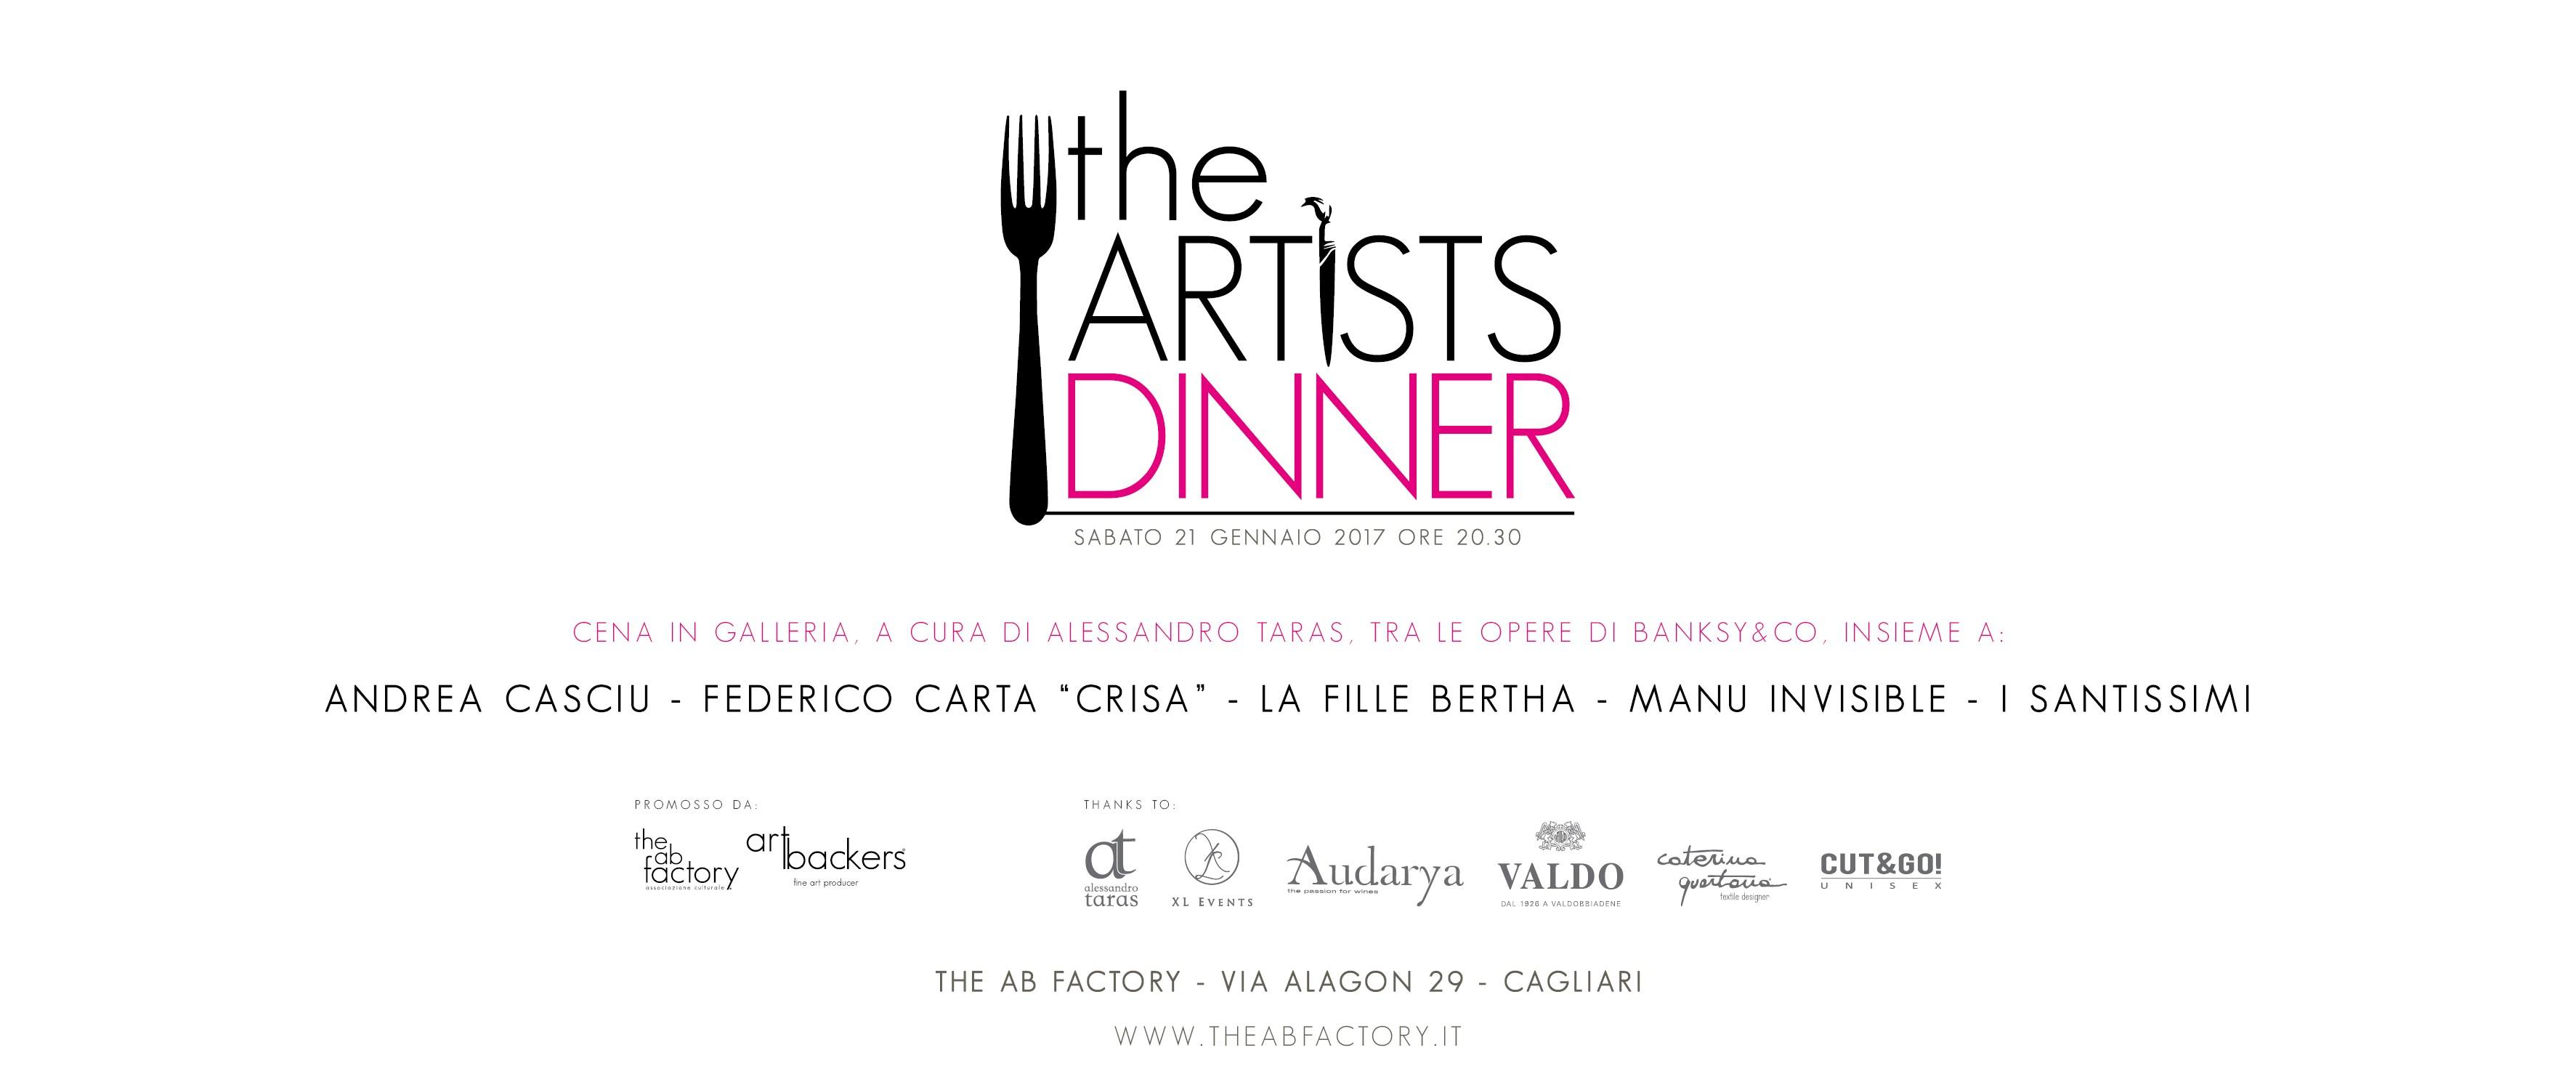 the artist dinner